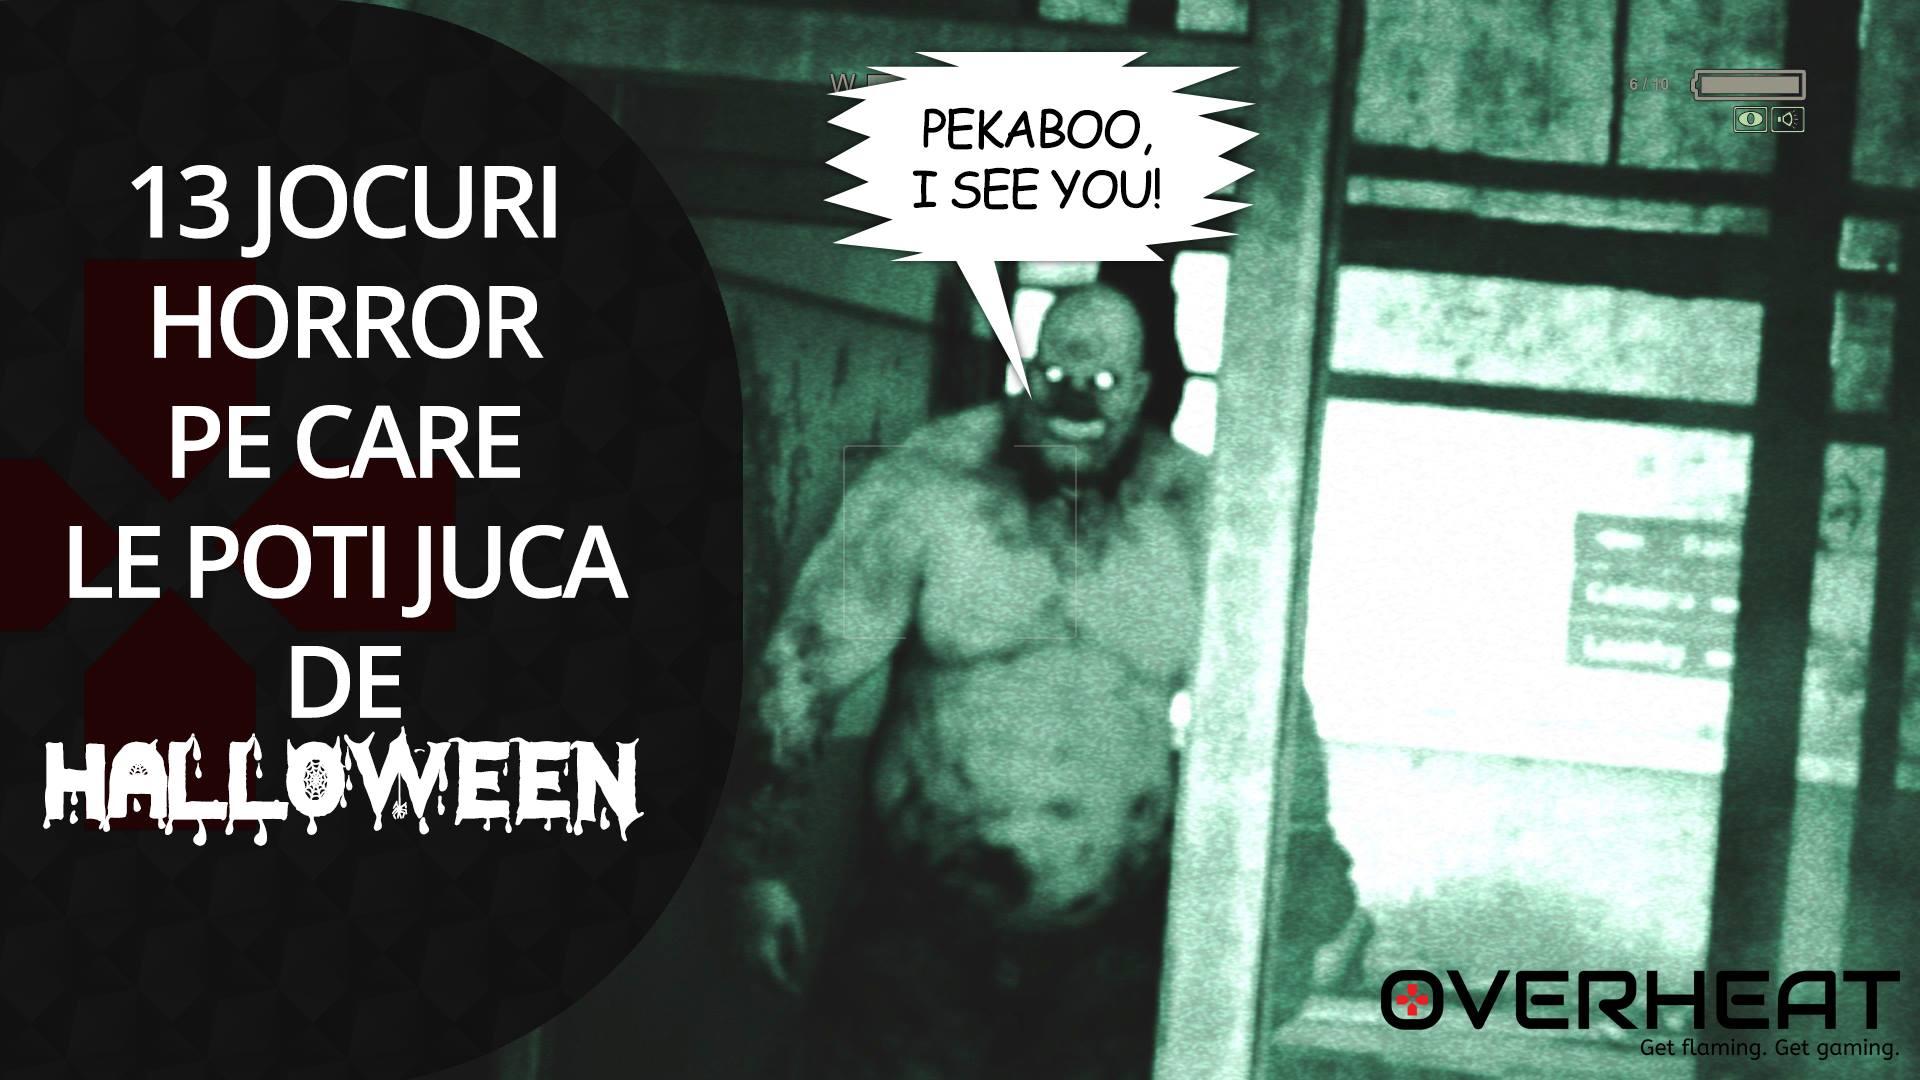 13 jocuri de groază pe care le poţi juca de halloween - overheat.ro